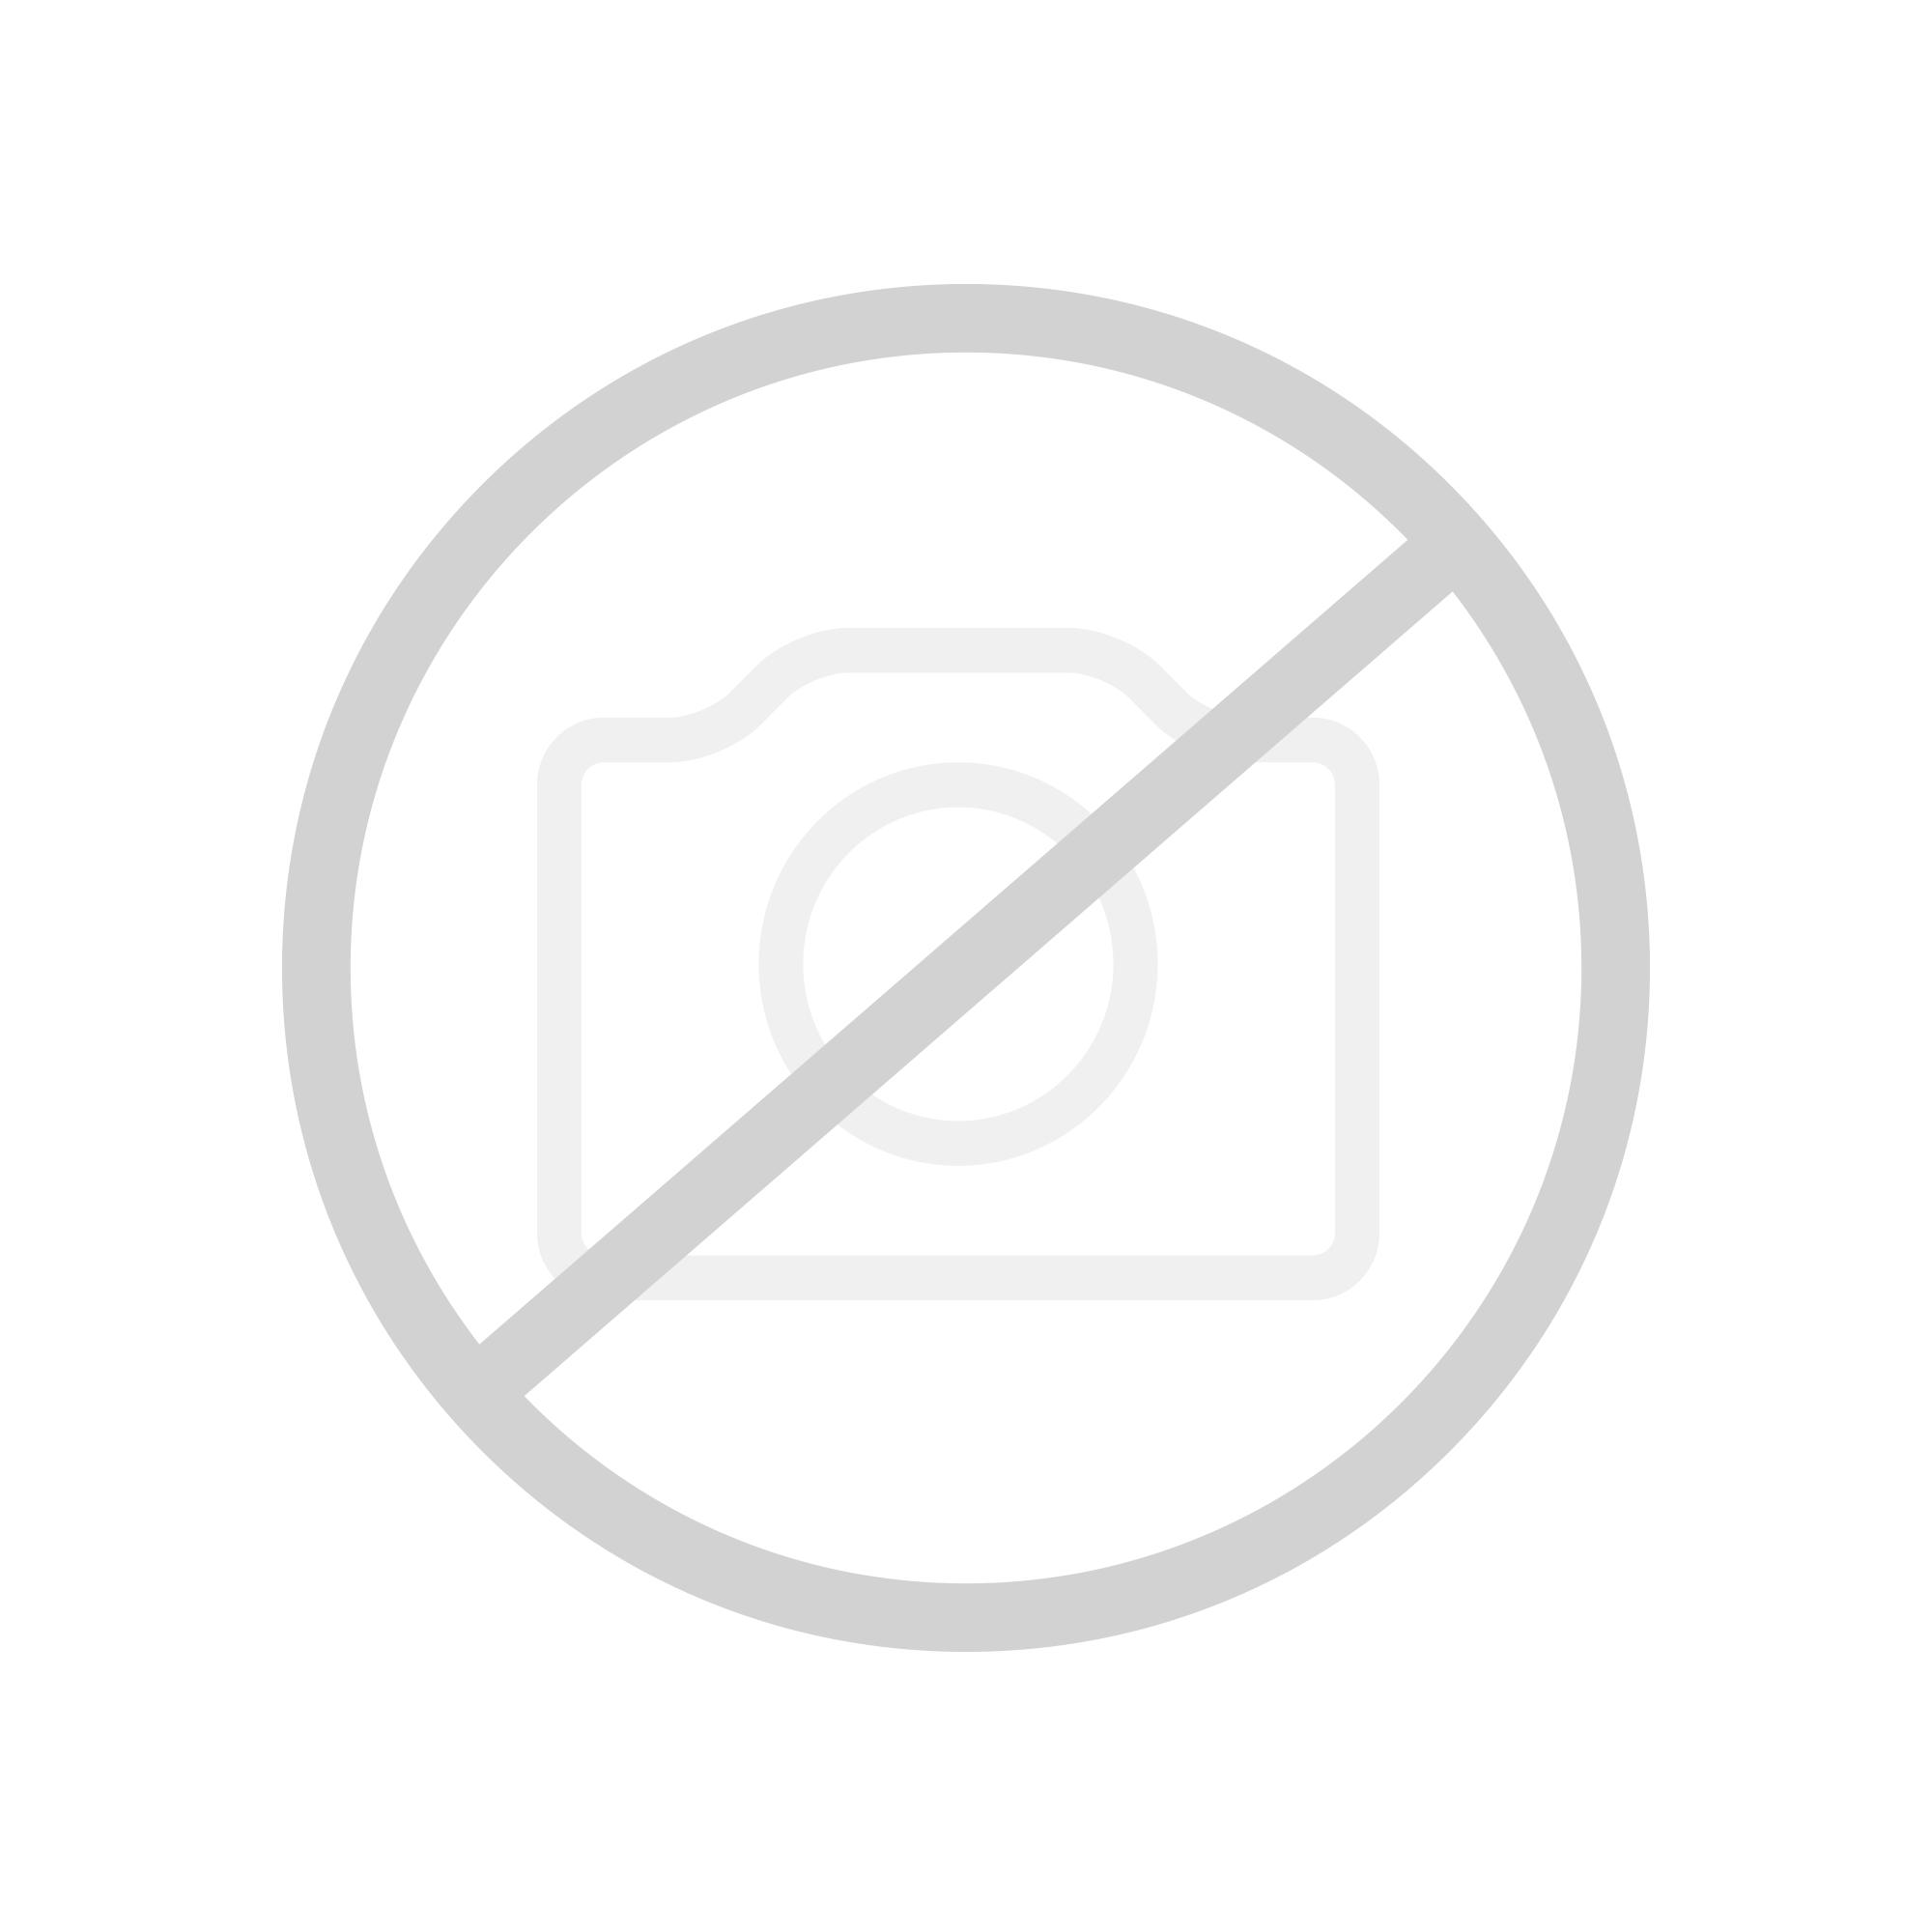 Kermi Handtuchbügel für Pateo edelstahl gebürstet